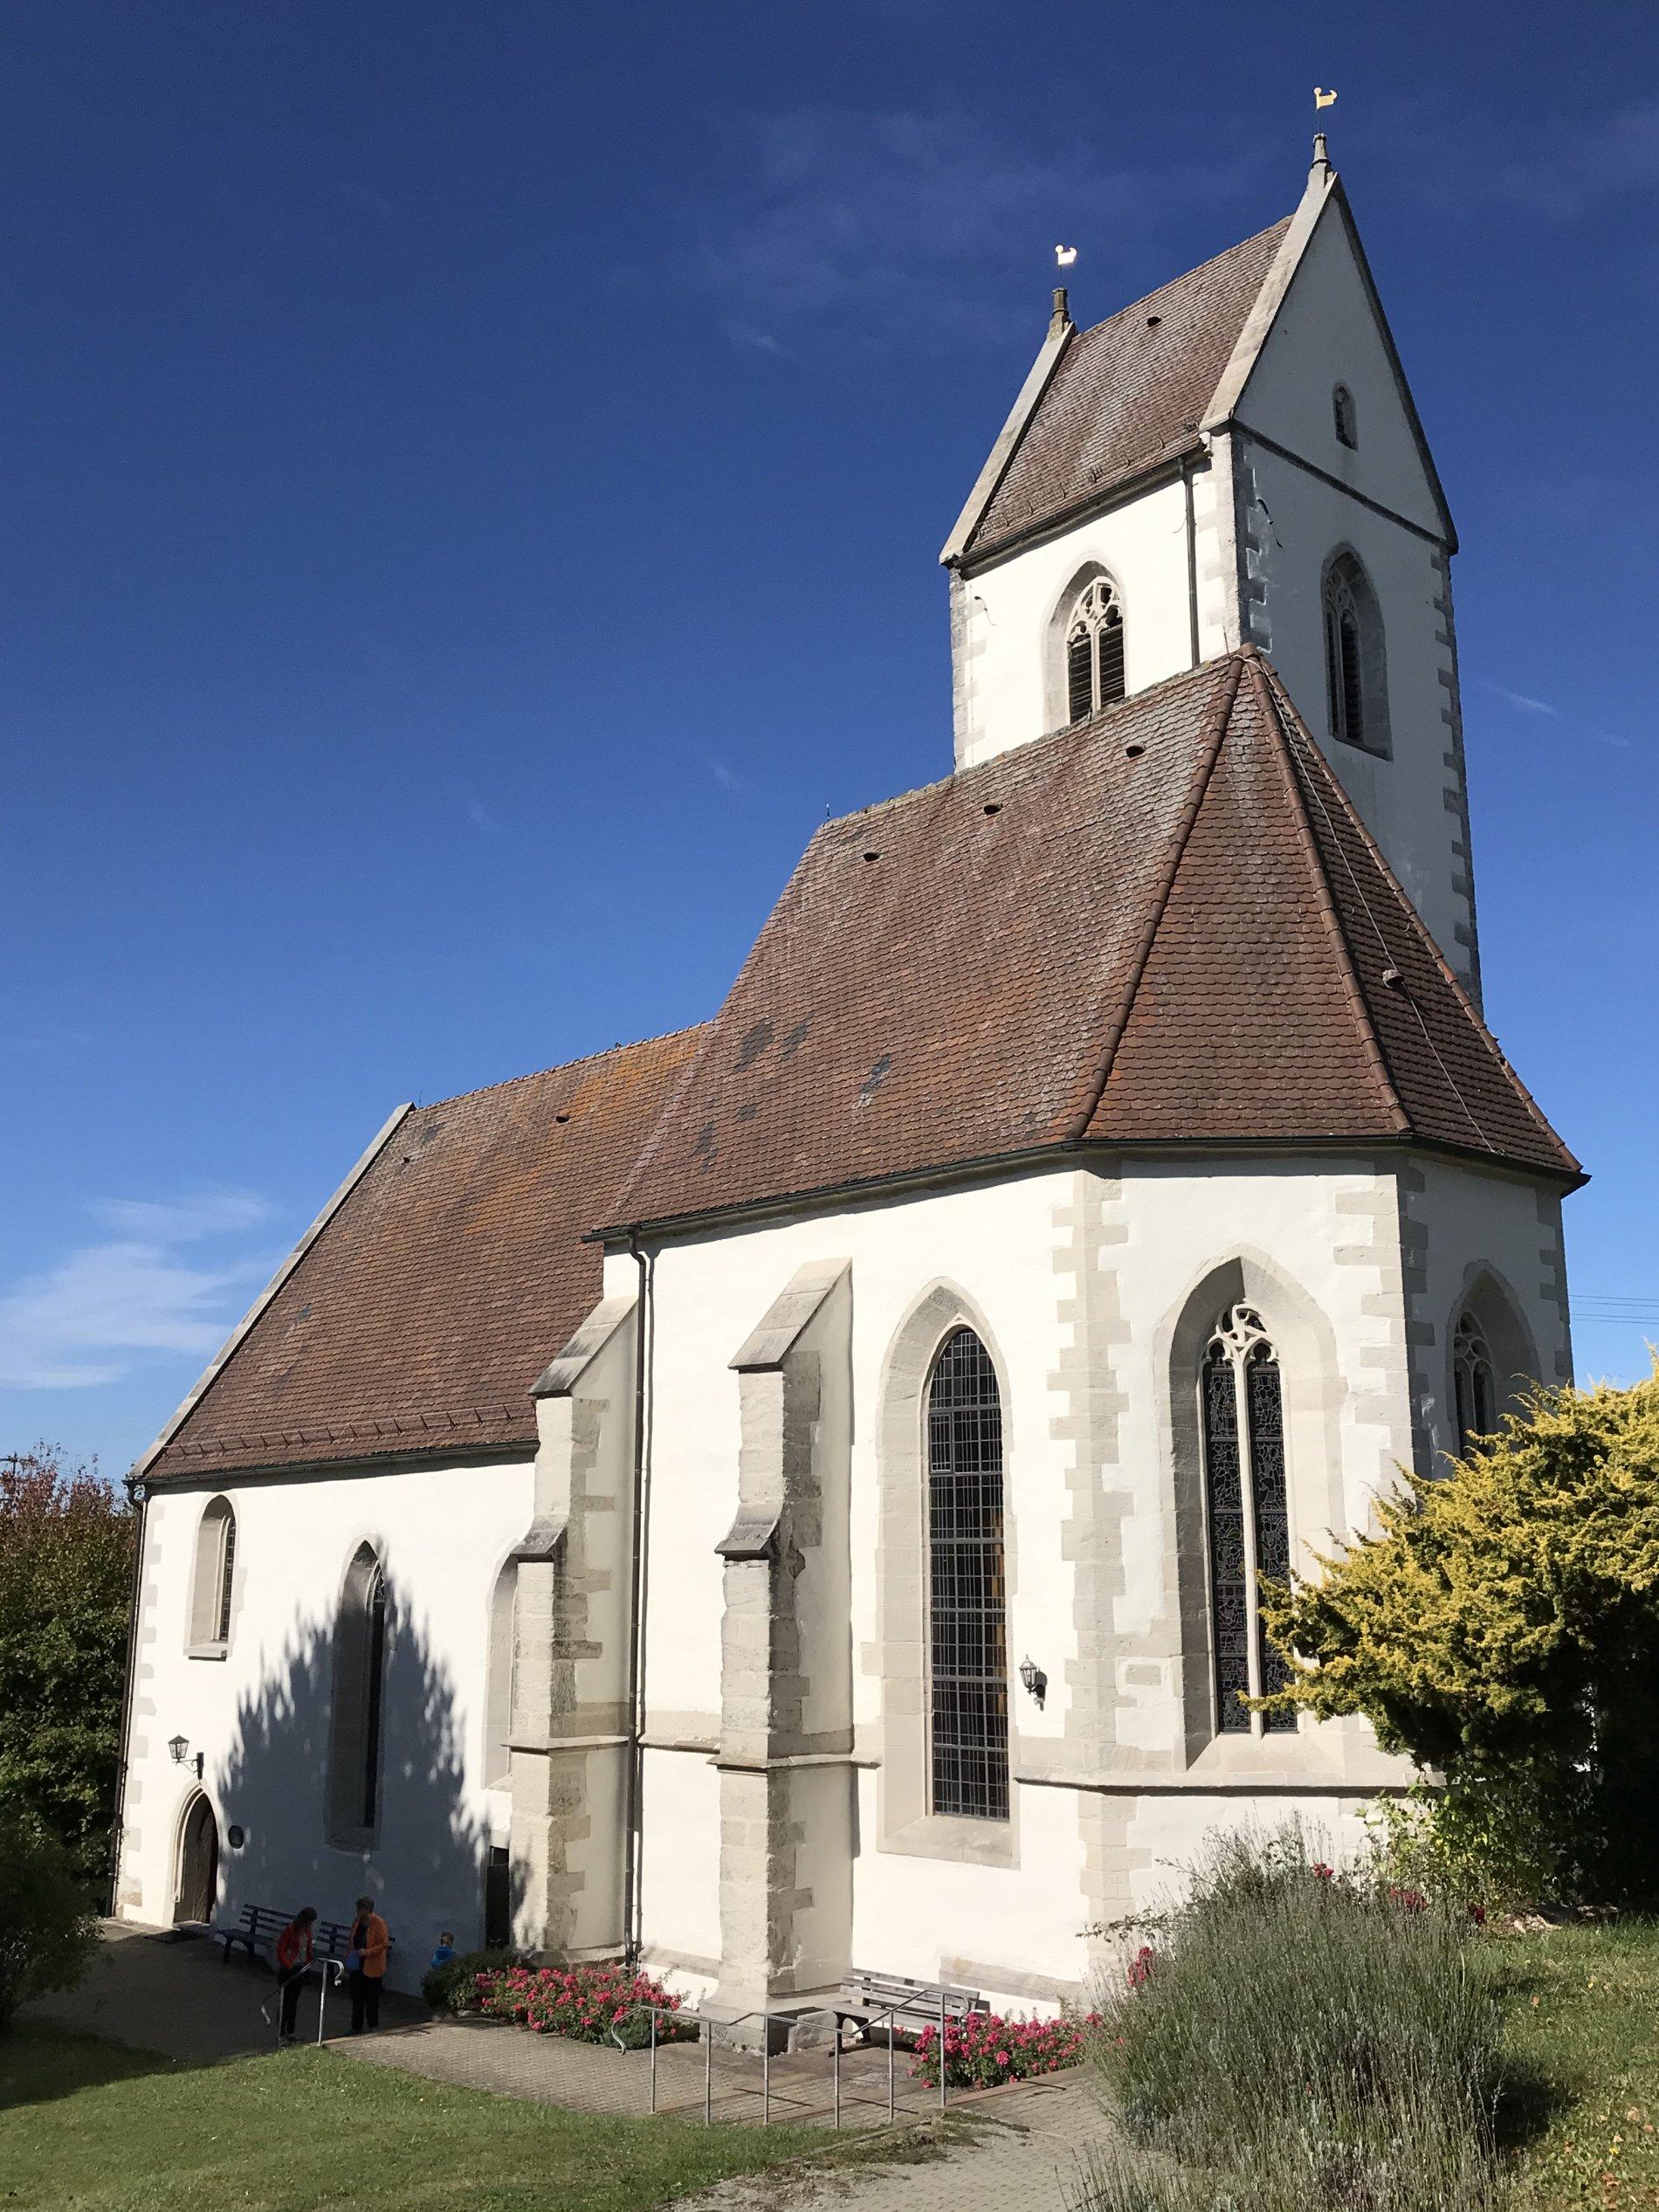 Martinskirche Isingen